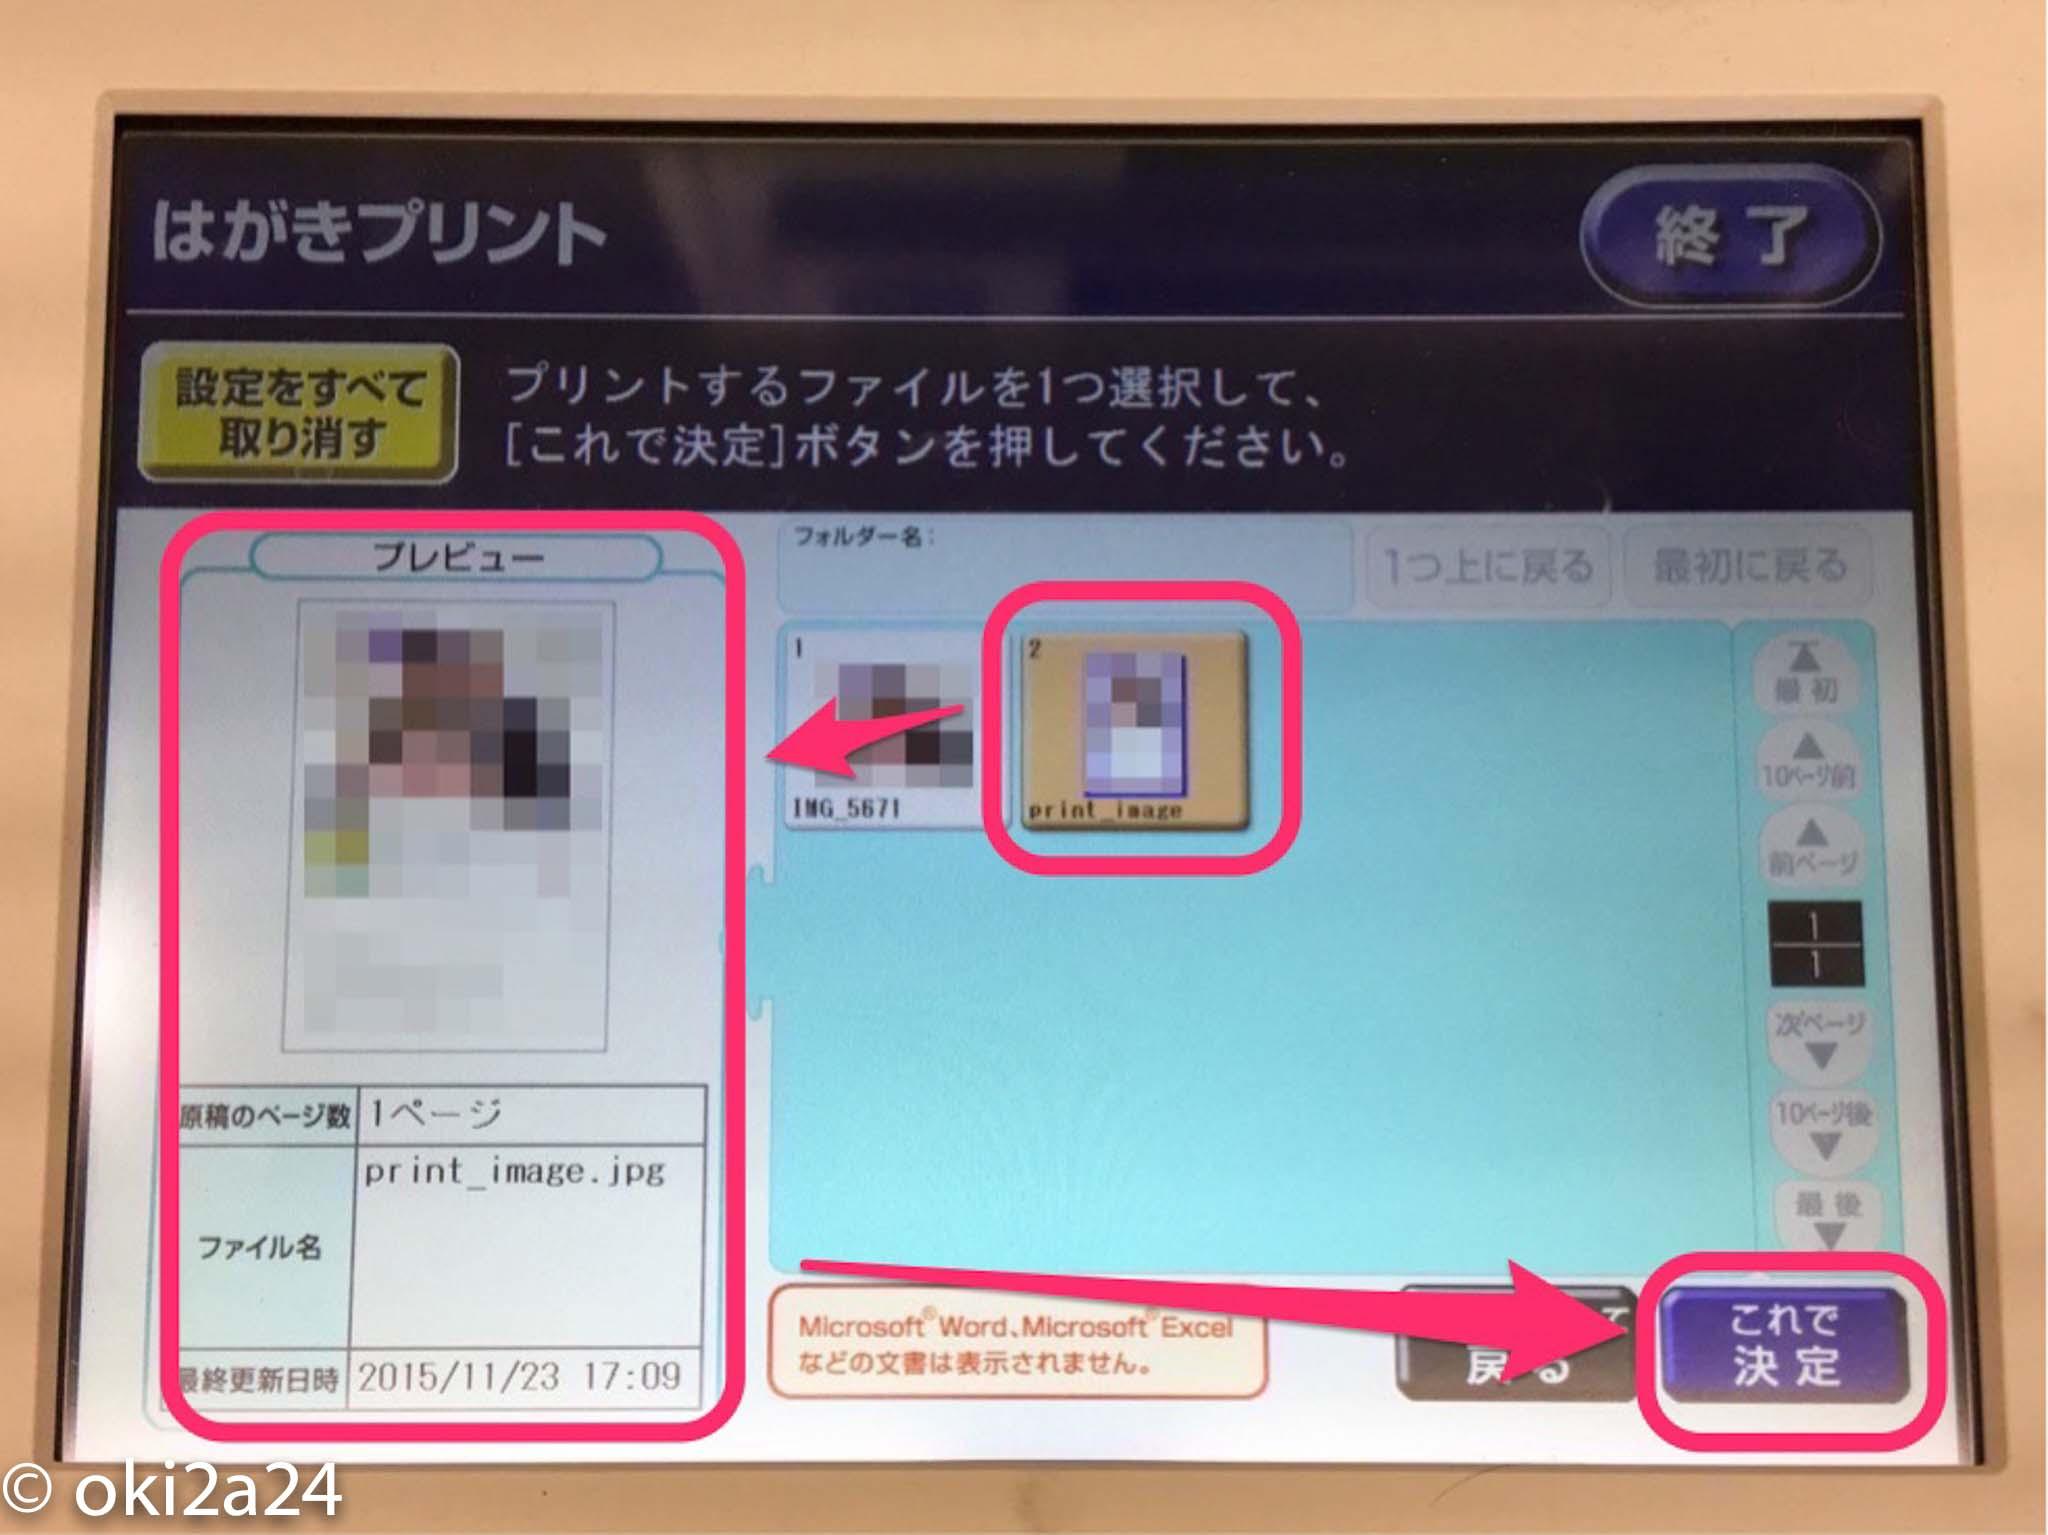 一覧表示されたUSBメモリー内の画像から印刷する画像を選択し、[これで決定]